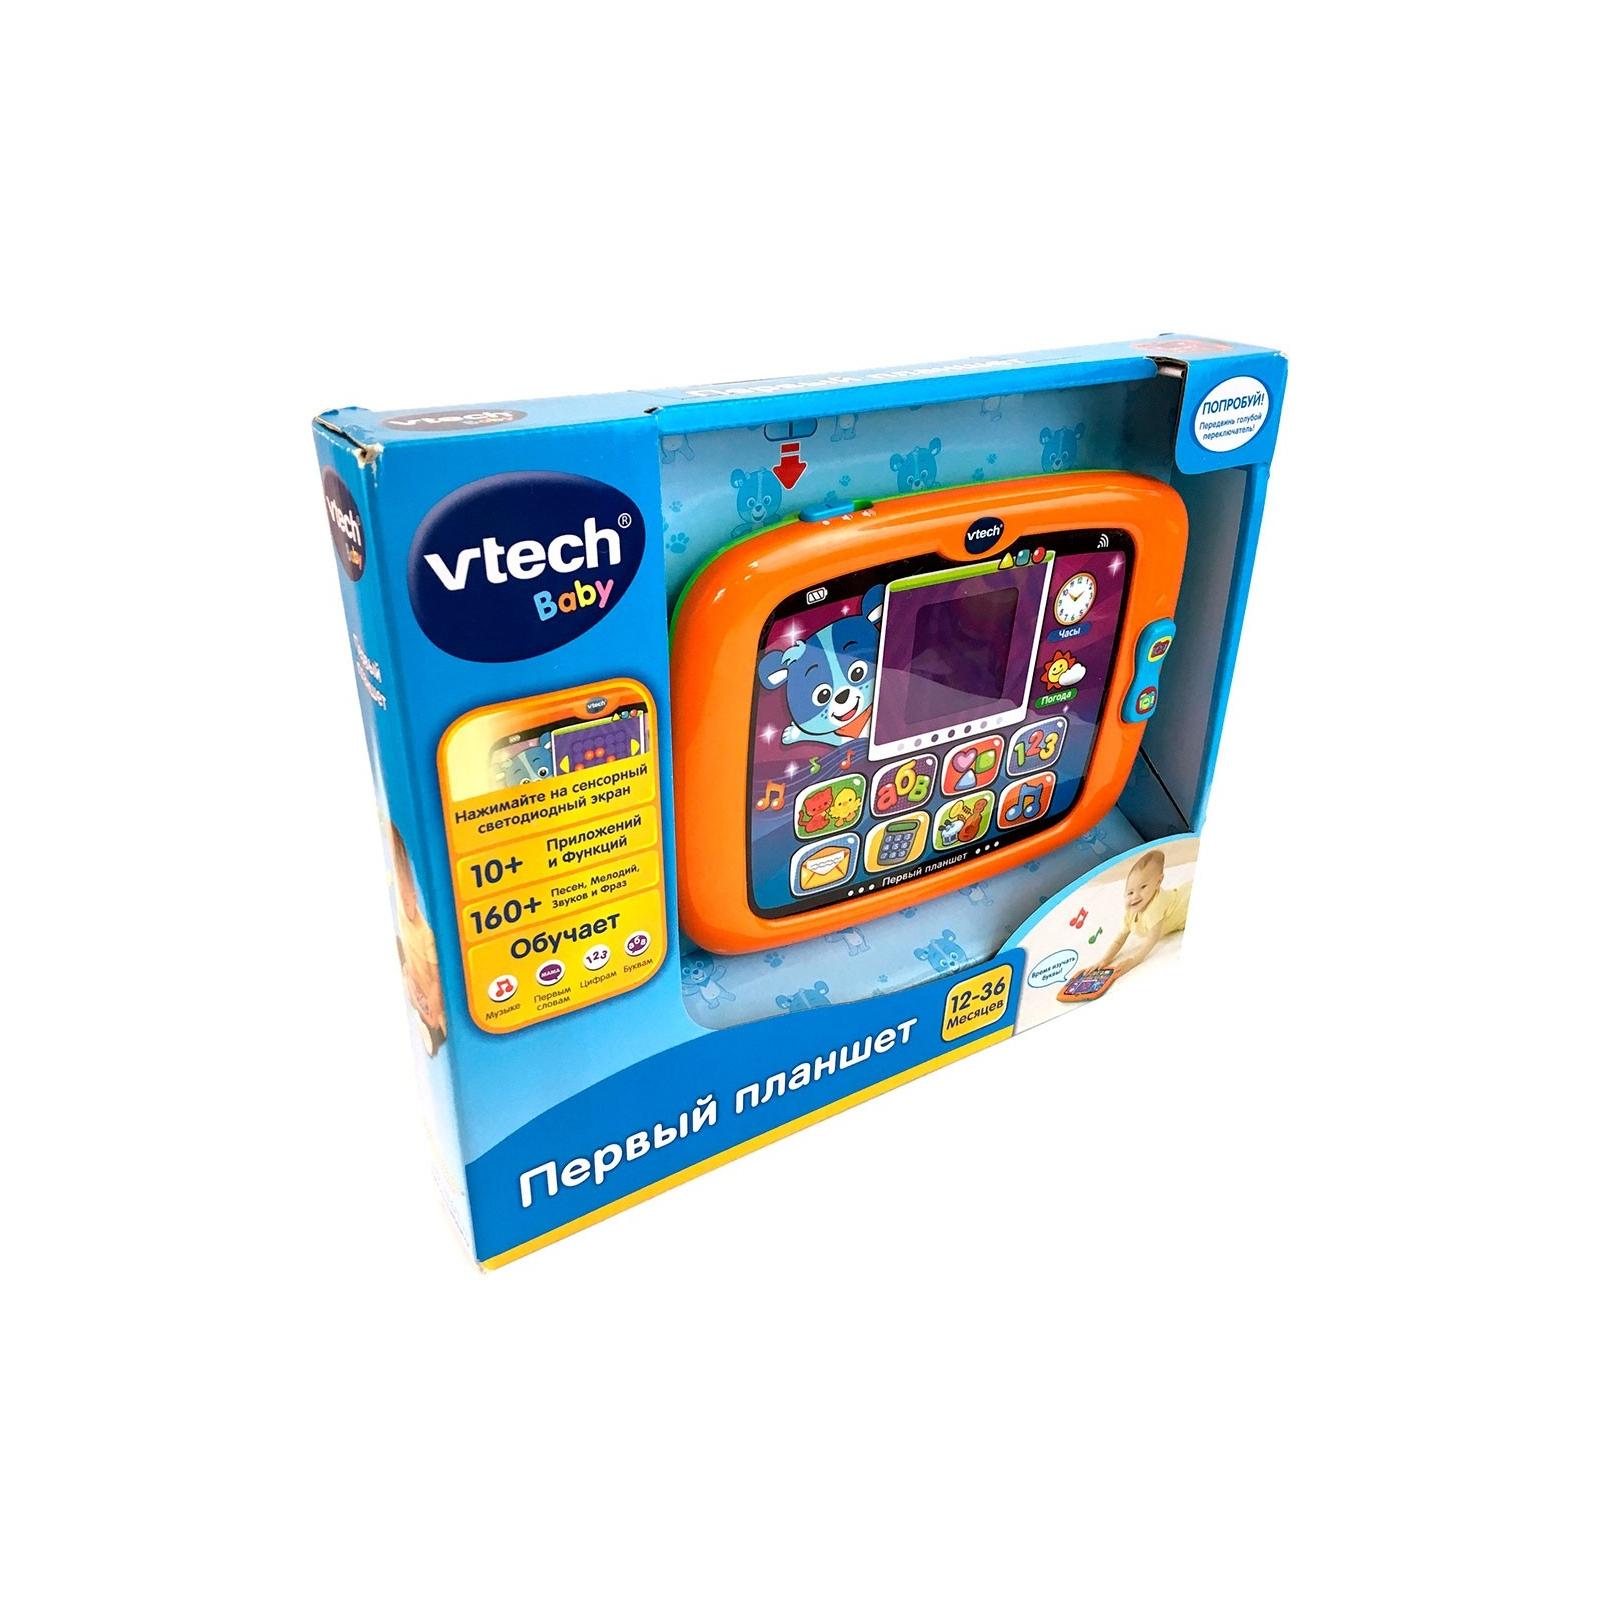 Развивающая игрушка VTech Первый планшет со звуковыми эффектами (80-151426) изображение 2